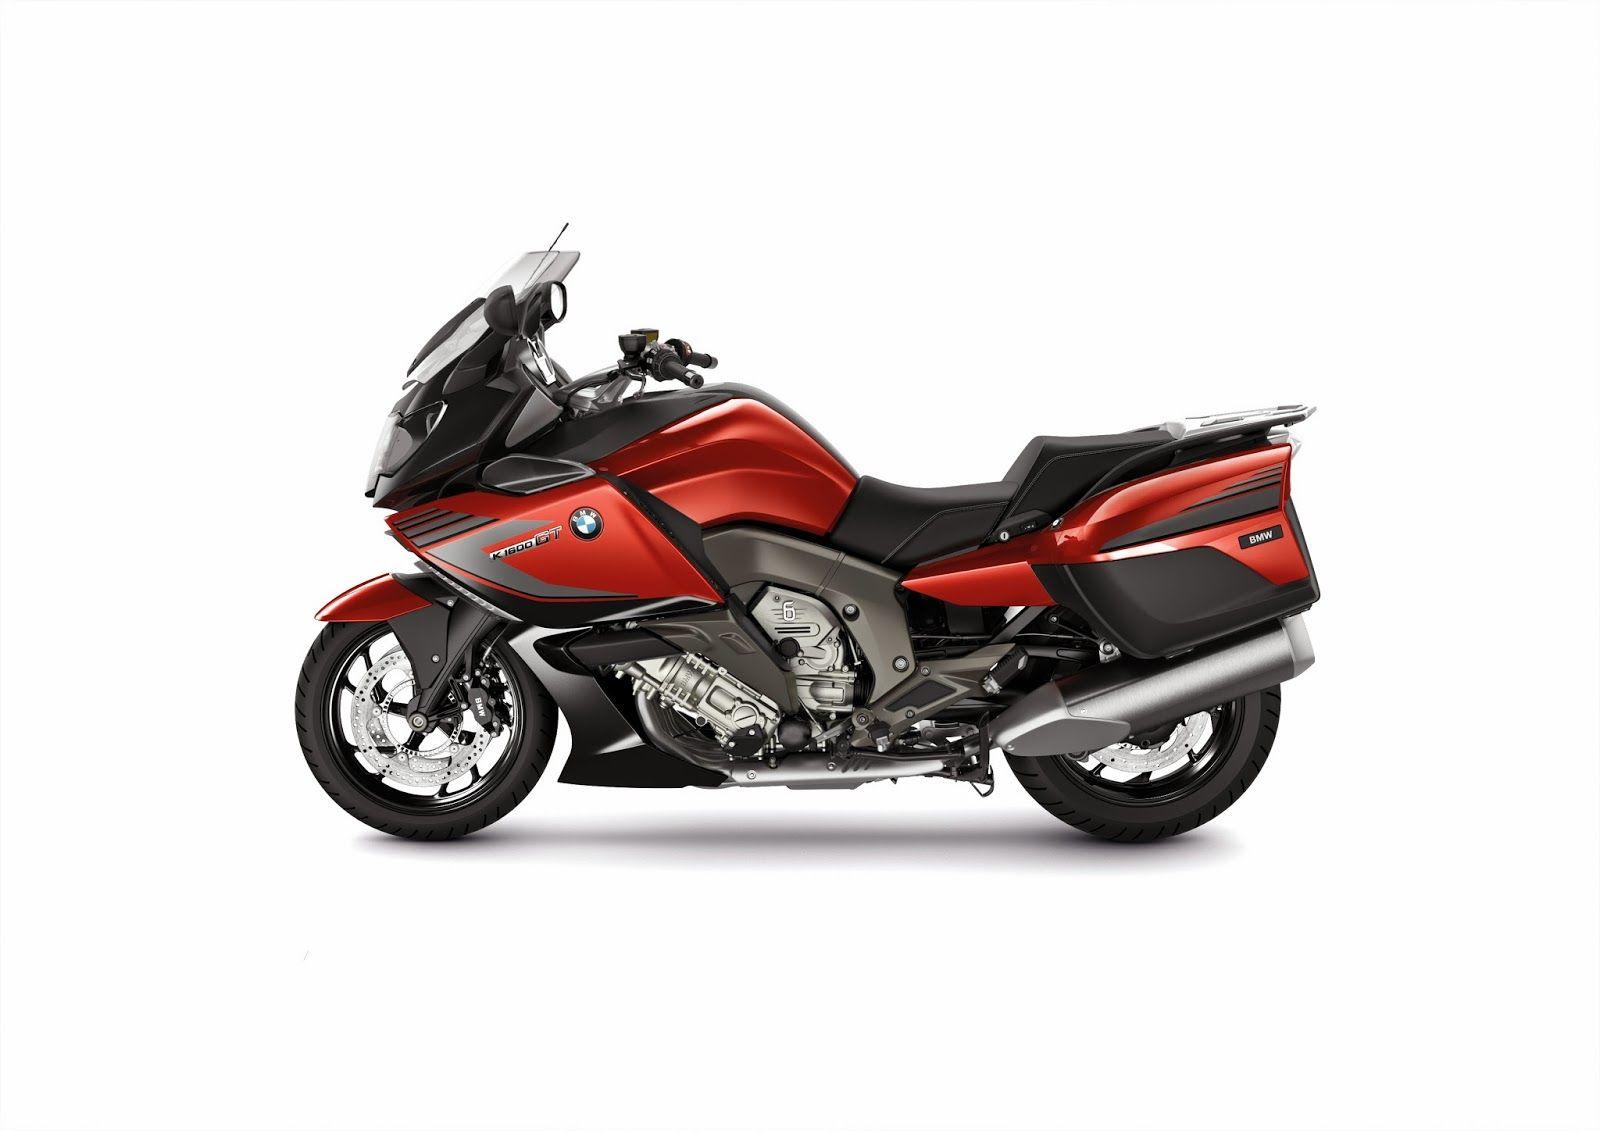 Klassnye Foto Avto I Ne Tolko Bmw K 1600 Gt Sport K 1600 Gtl 2014 V 2020 G Motocikl Kvadrocikl